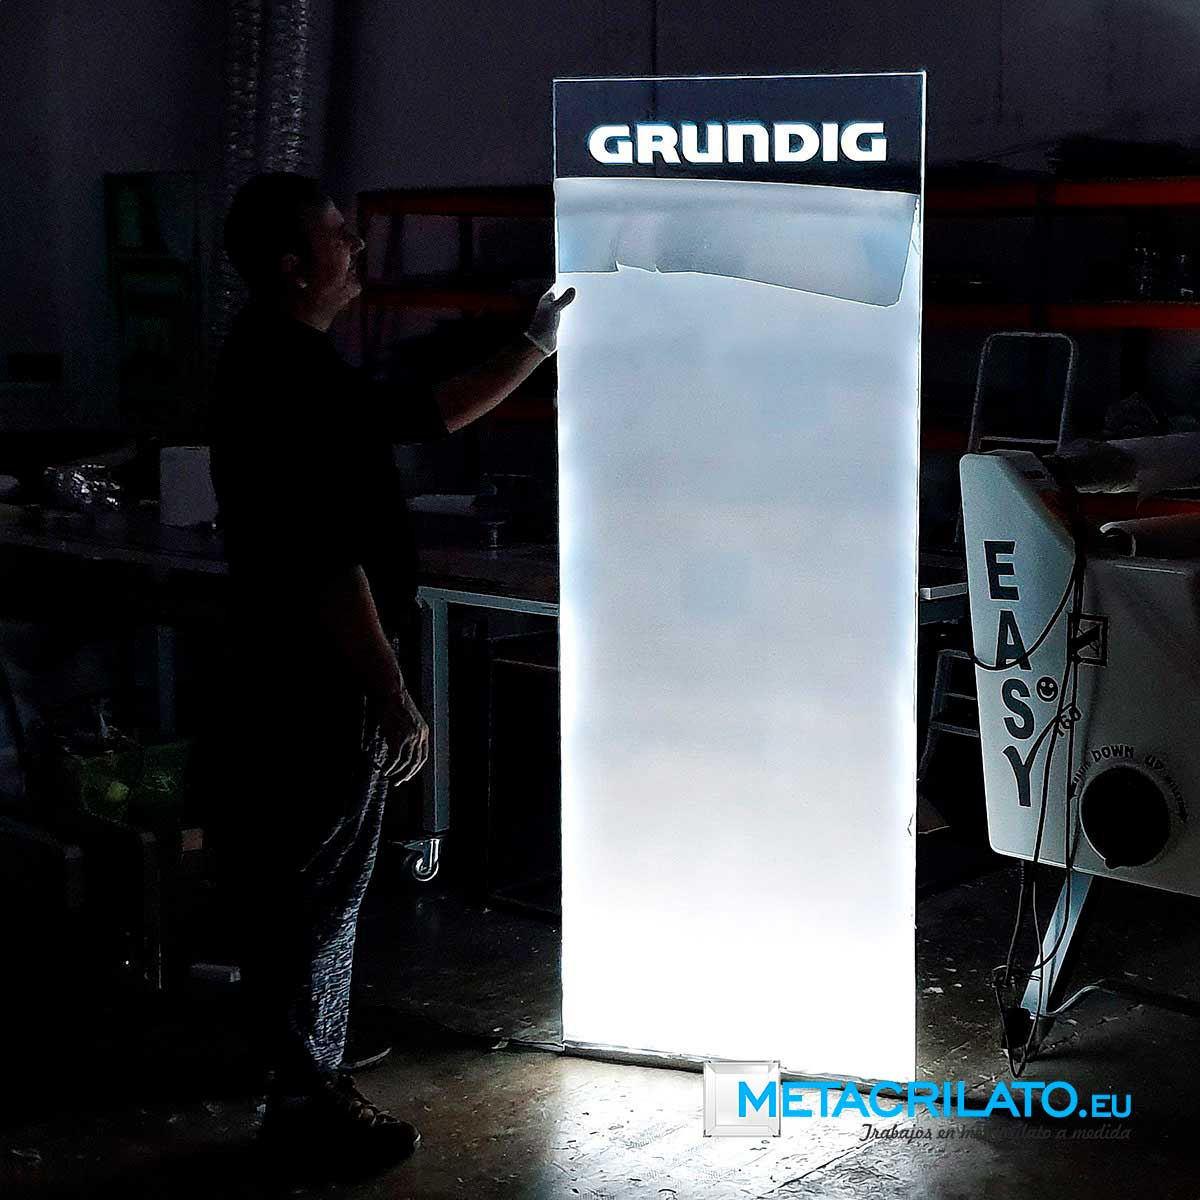 Luz filtrante de sobremesa, luz filtrante de pared, rotulo de luz filtrante, luz filtrante valencia, expositor de luz filtrante, luz filtrante metacrilato